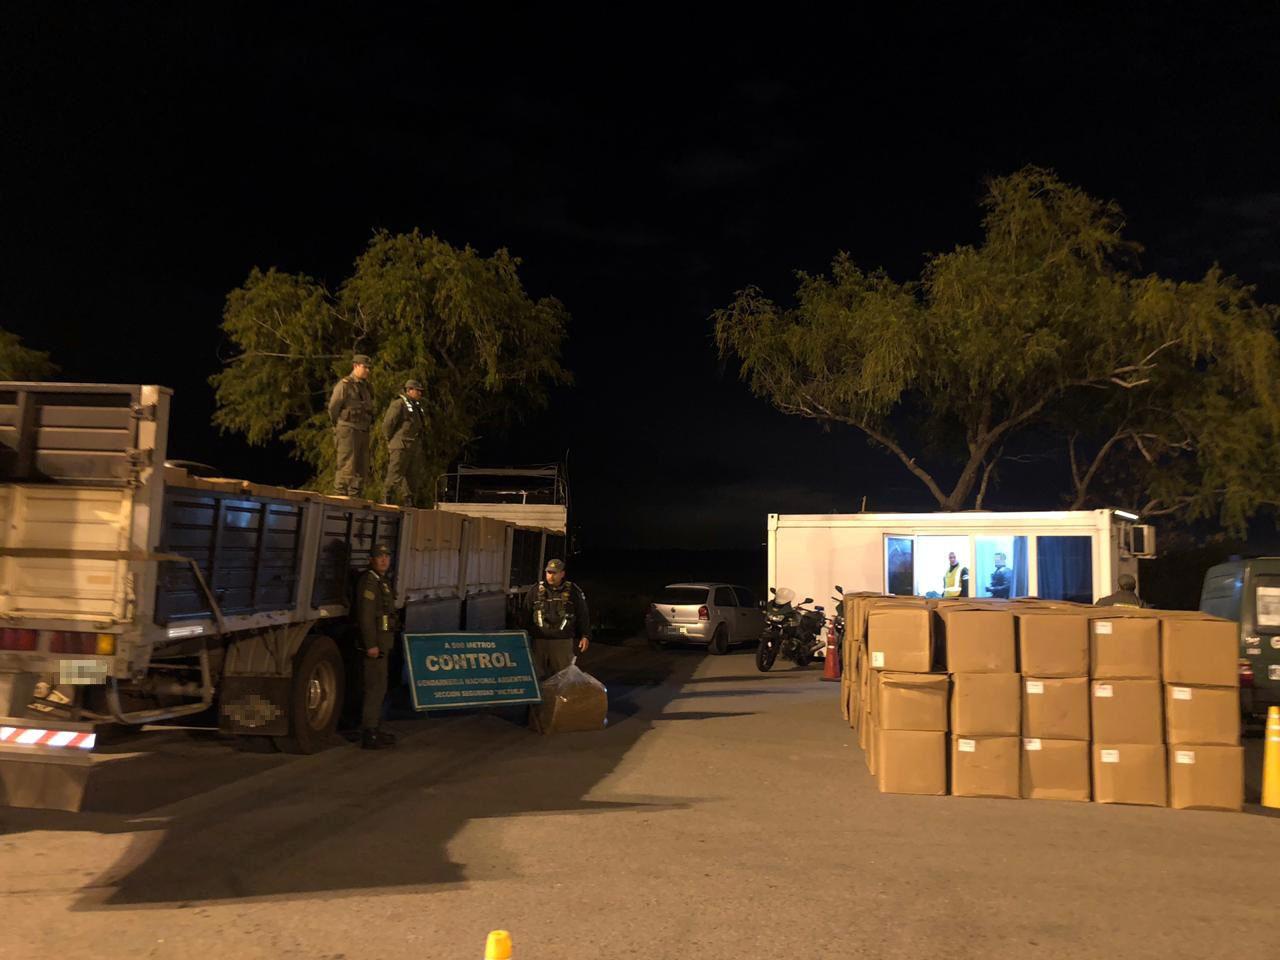 Transportaba más de doce toneladas de tabaco a granel sin el aval legal